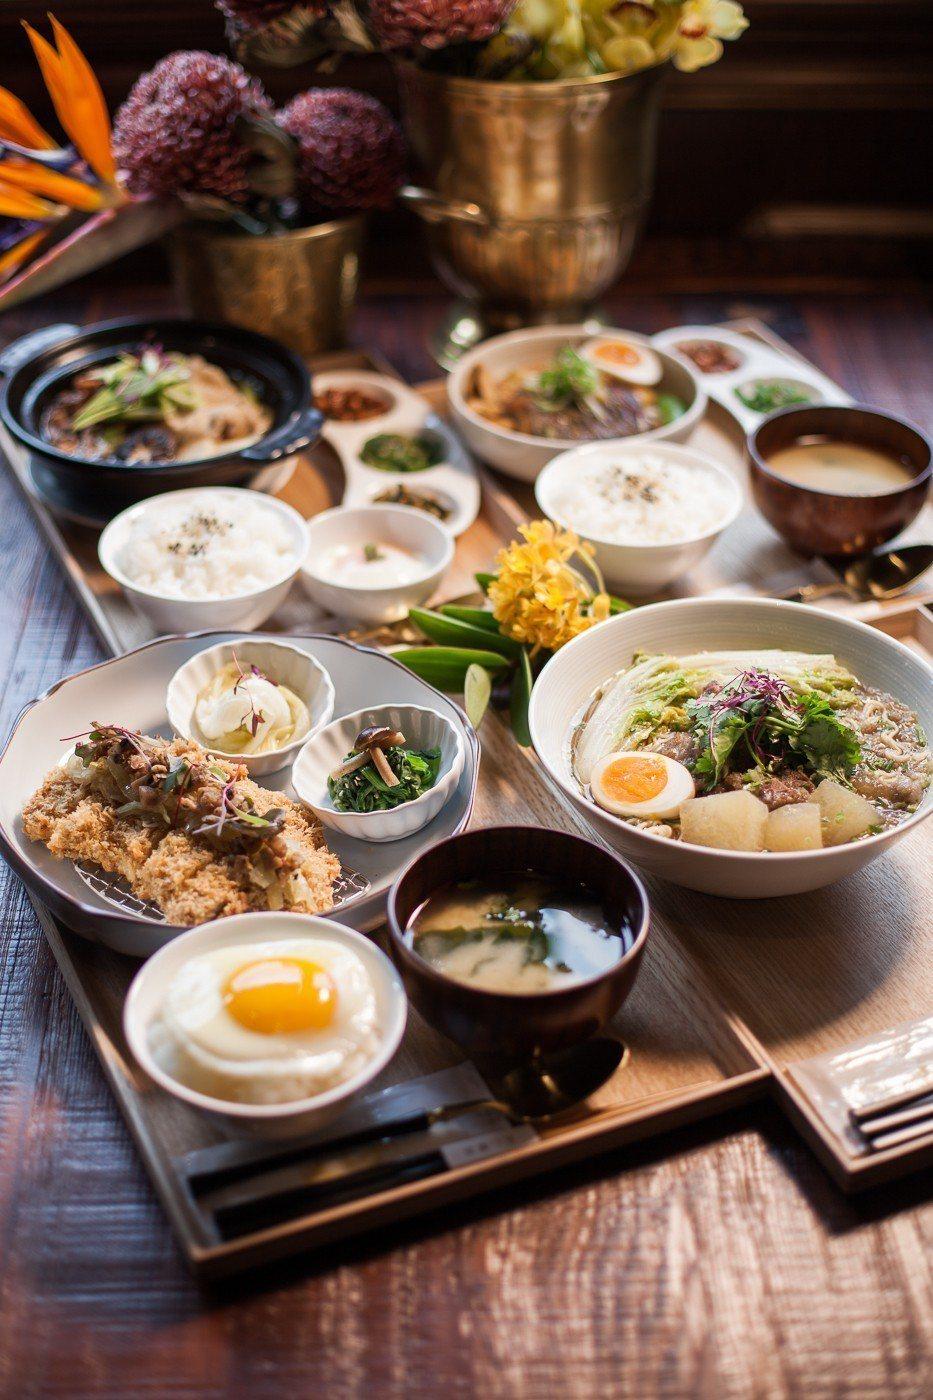 永心鳳茶新光三越南西店限定菜色。圖/新光三越提供